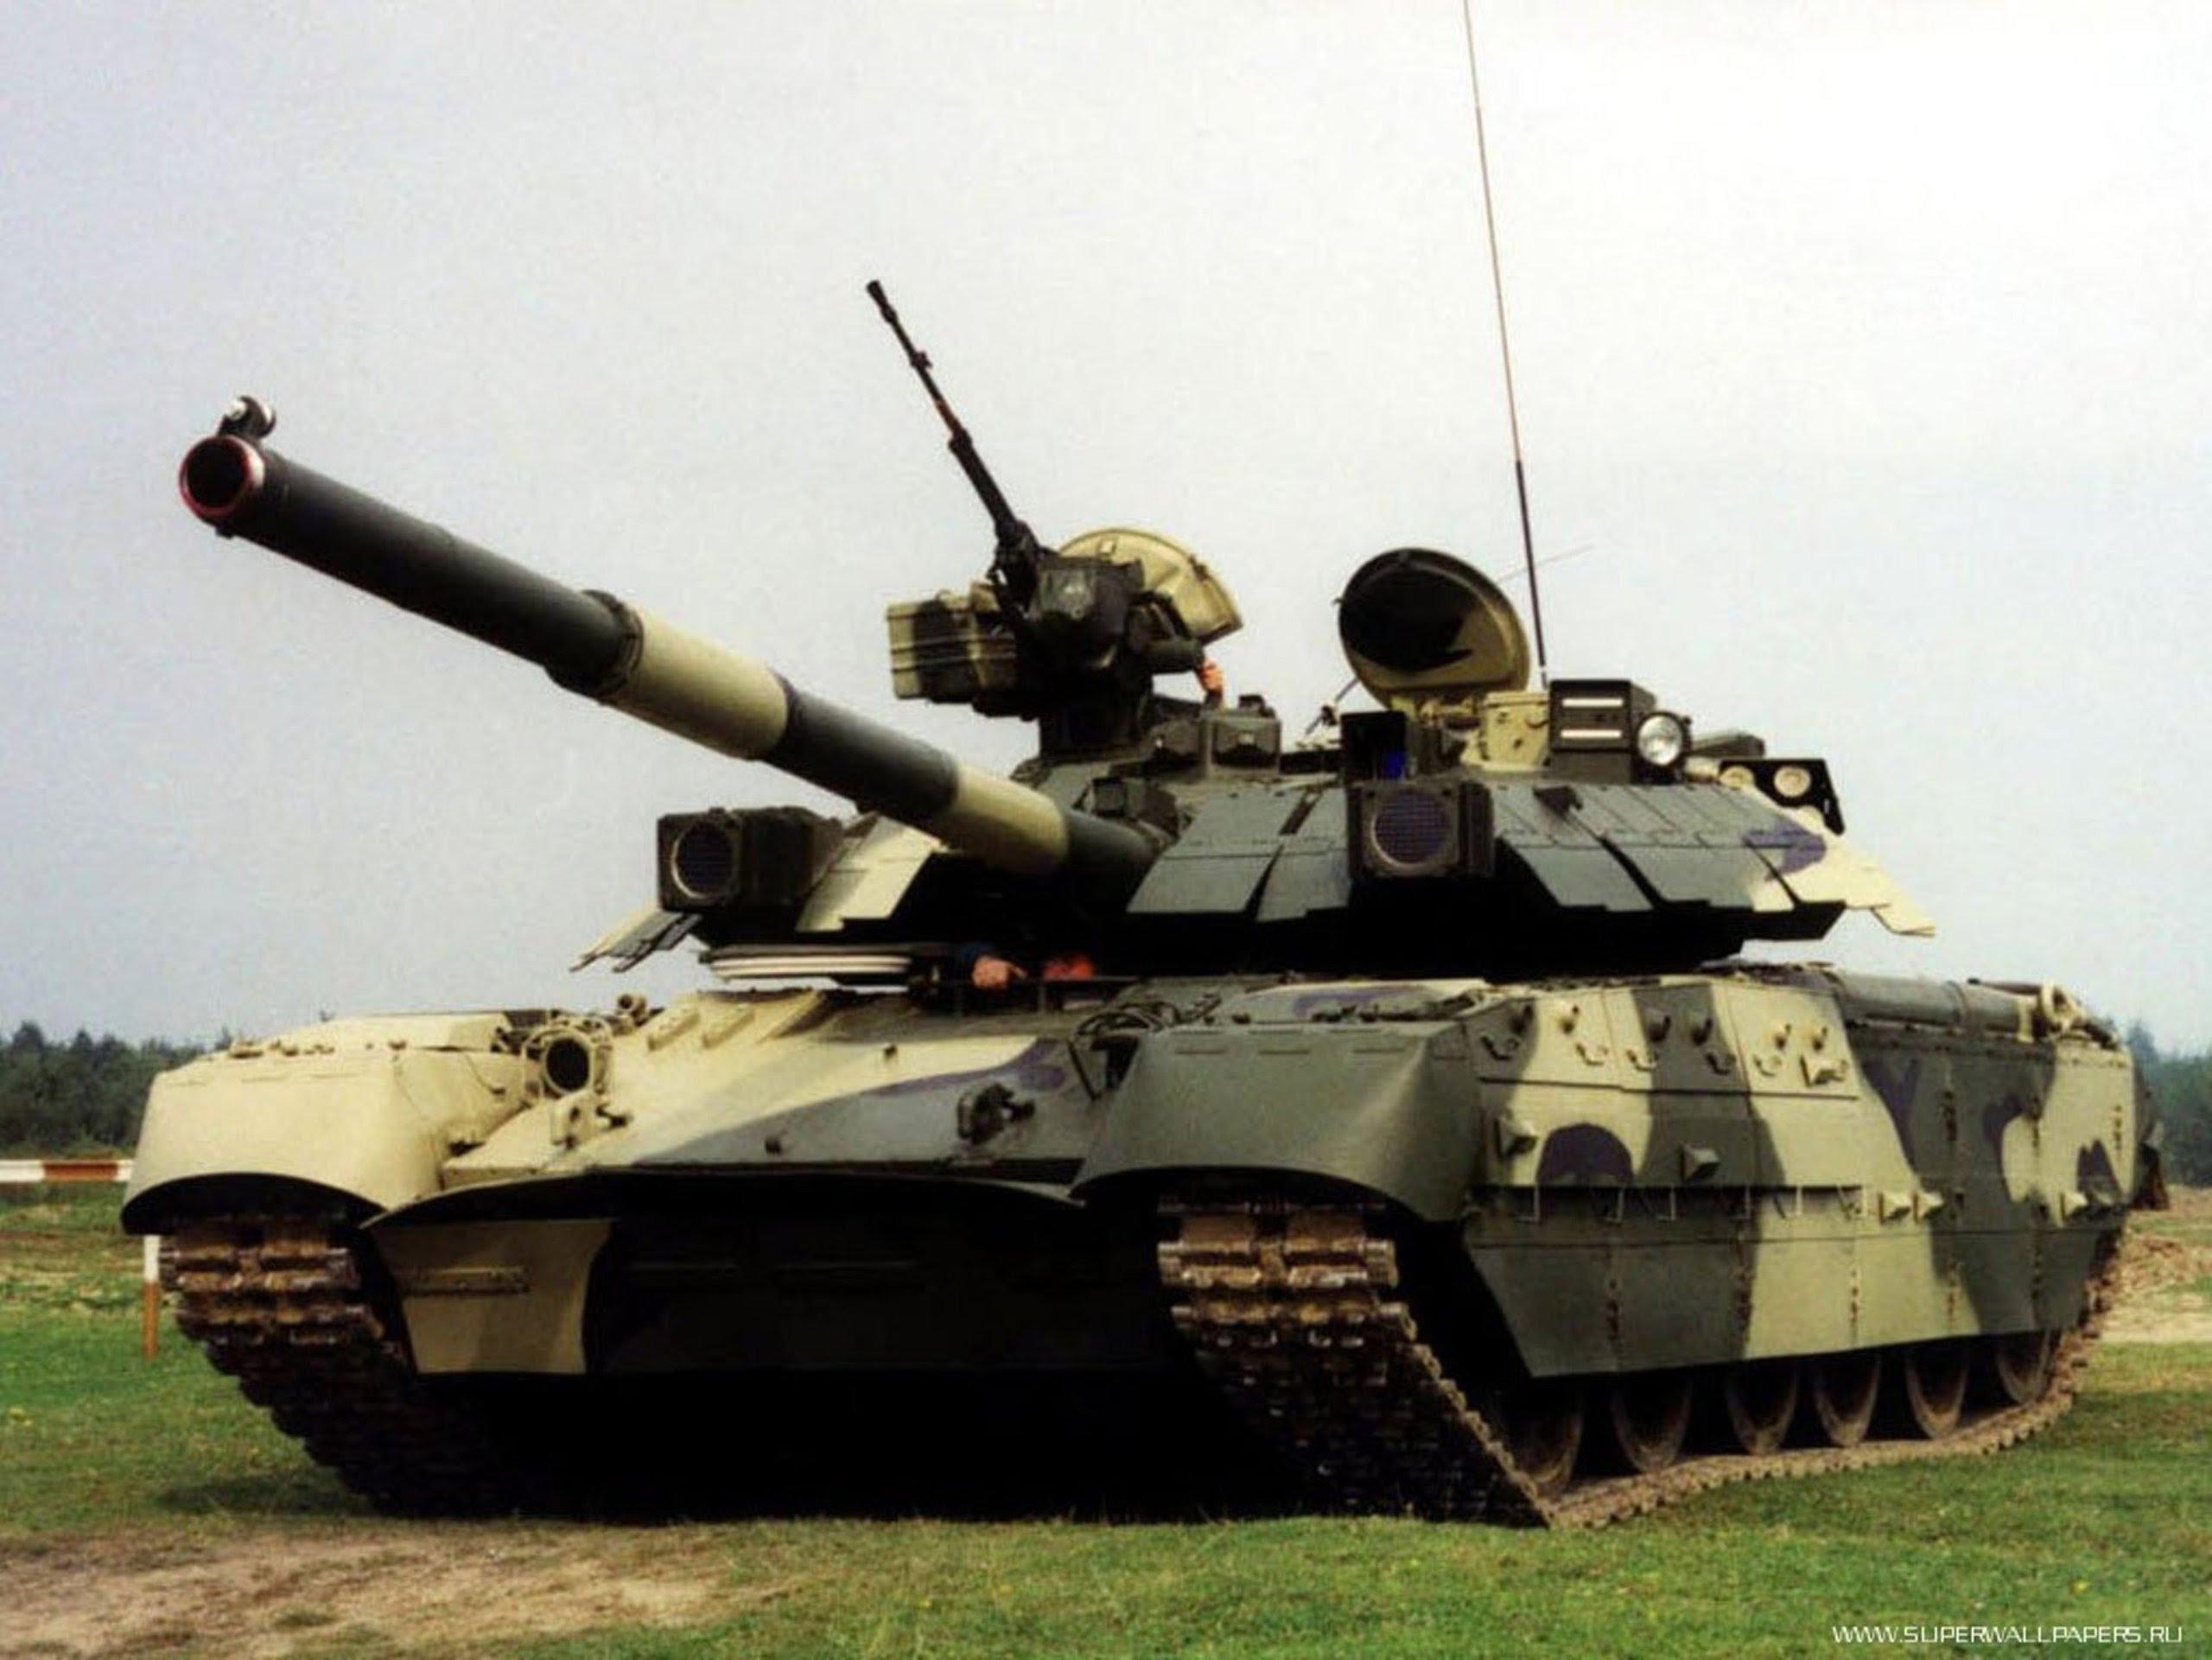 З'явилися кадри видовищного бою танкістів ЗСУ на Донбасі